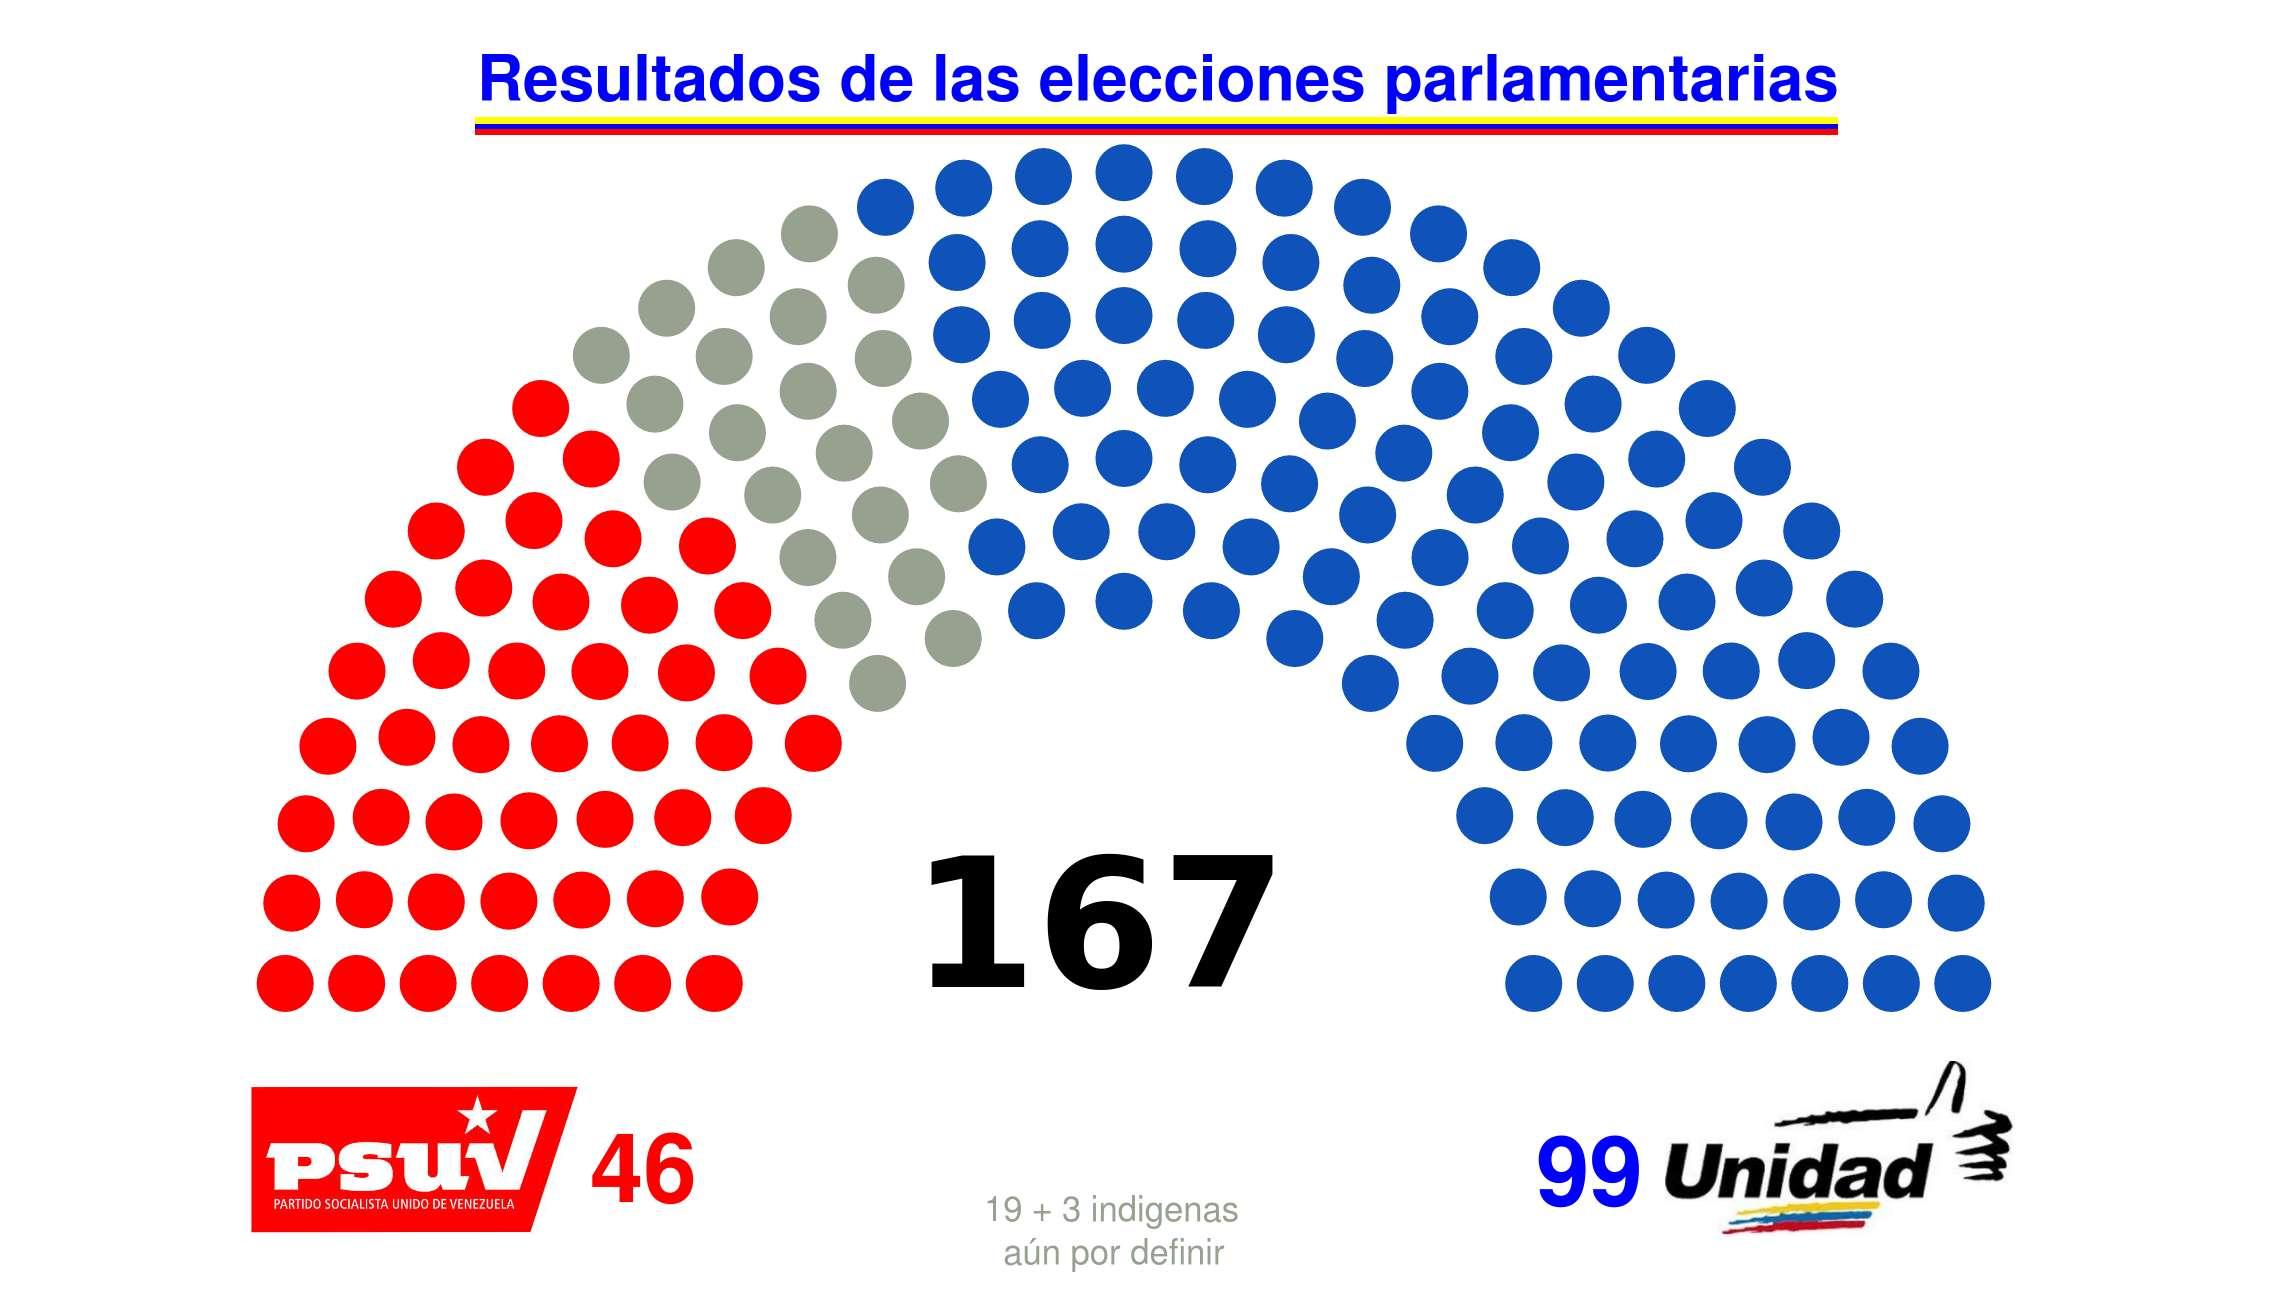 Resultados elecciones parlamentarias 2015 en Venezuela